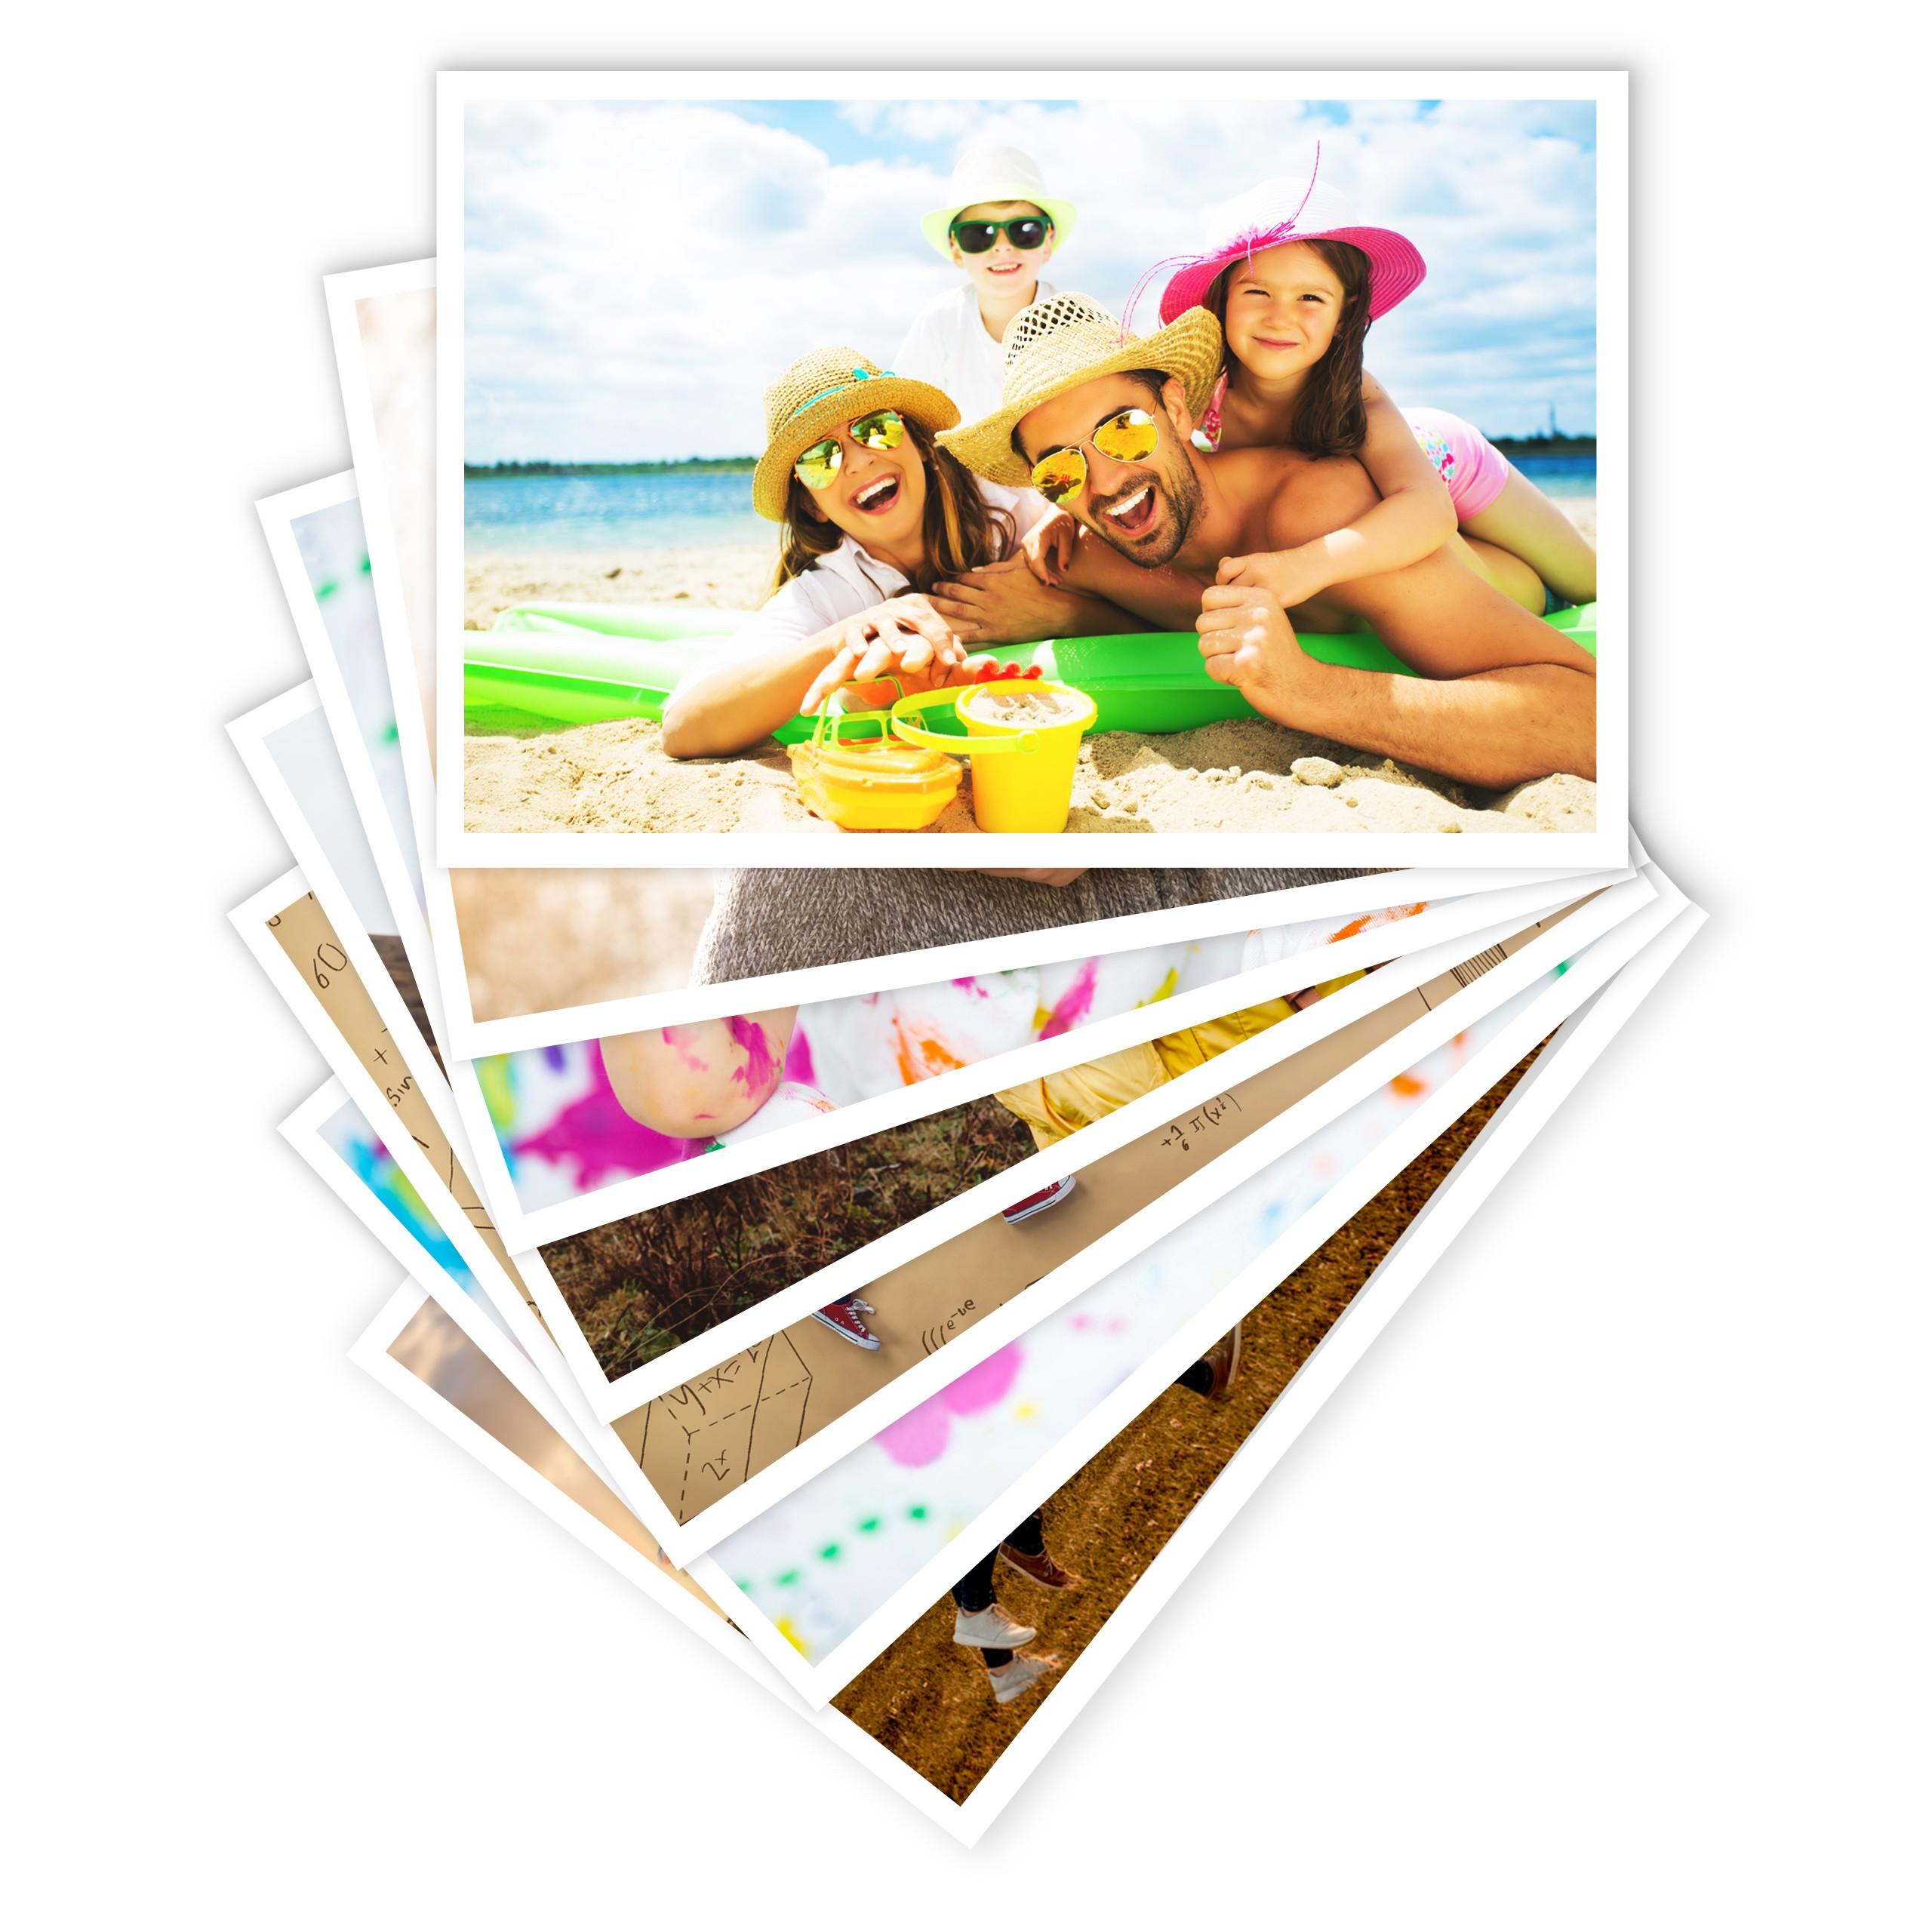 печать фотографий через интернет дешево найс фото только